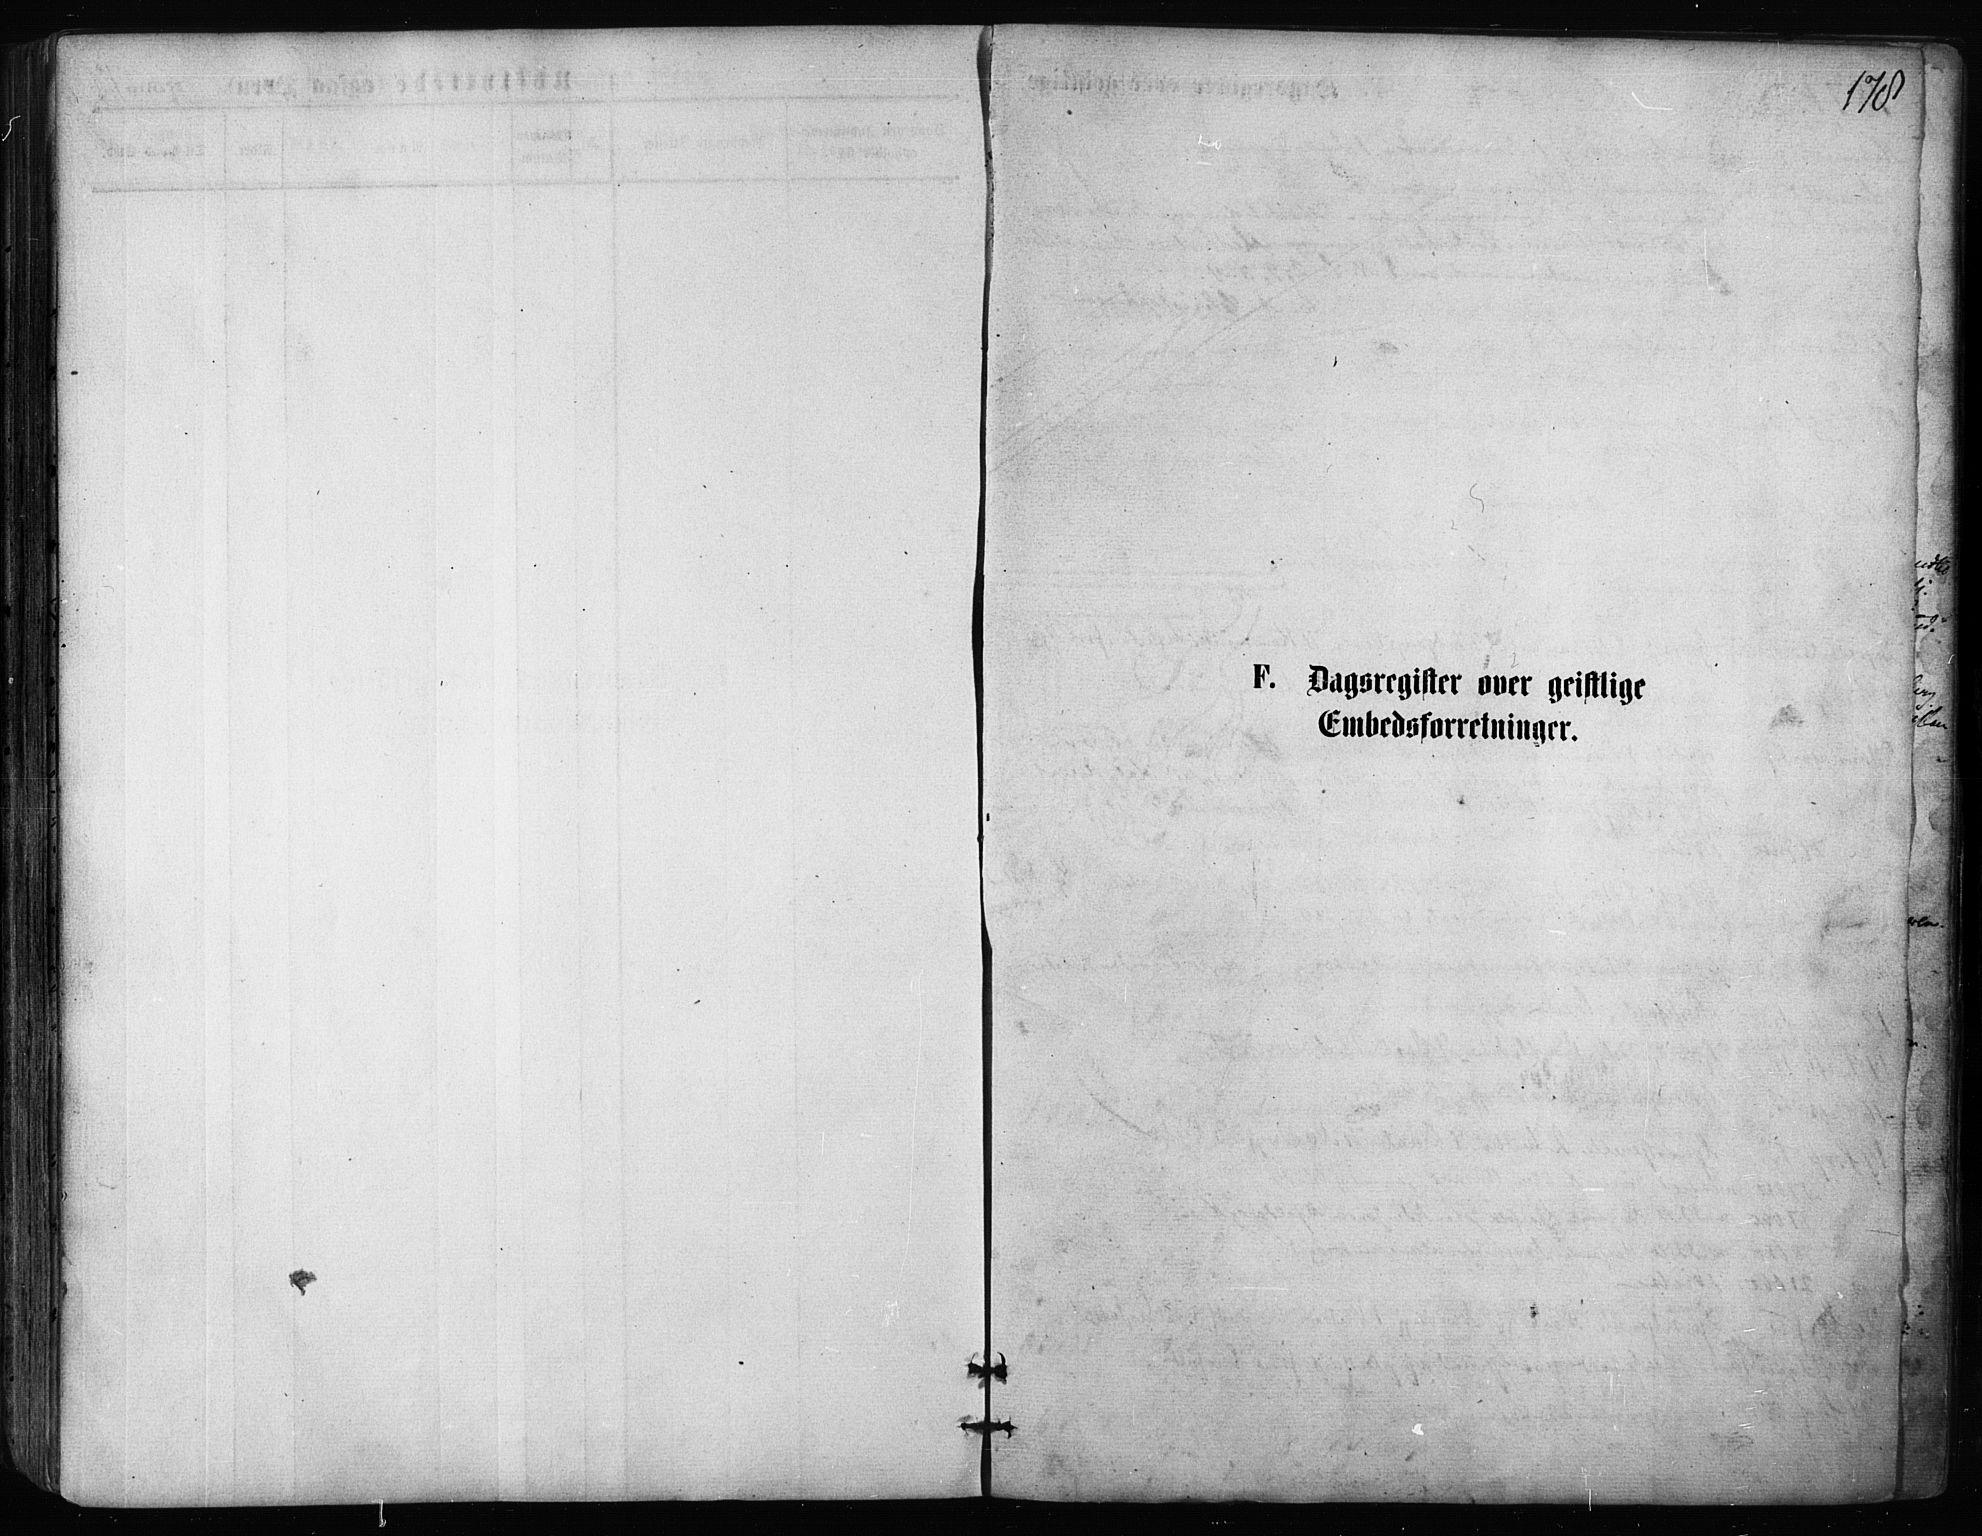 SATØ, Balsfjord sokneprestembete, Ministerialbok nr. 2, 1871-1886, s. 178